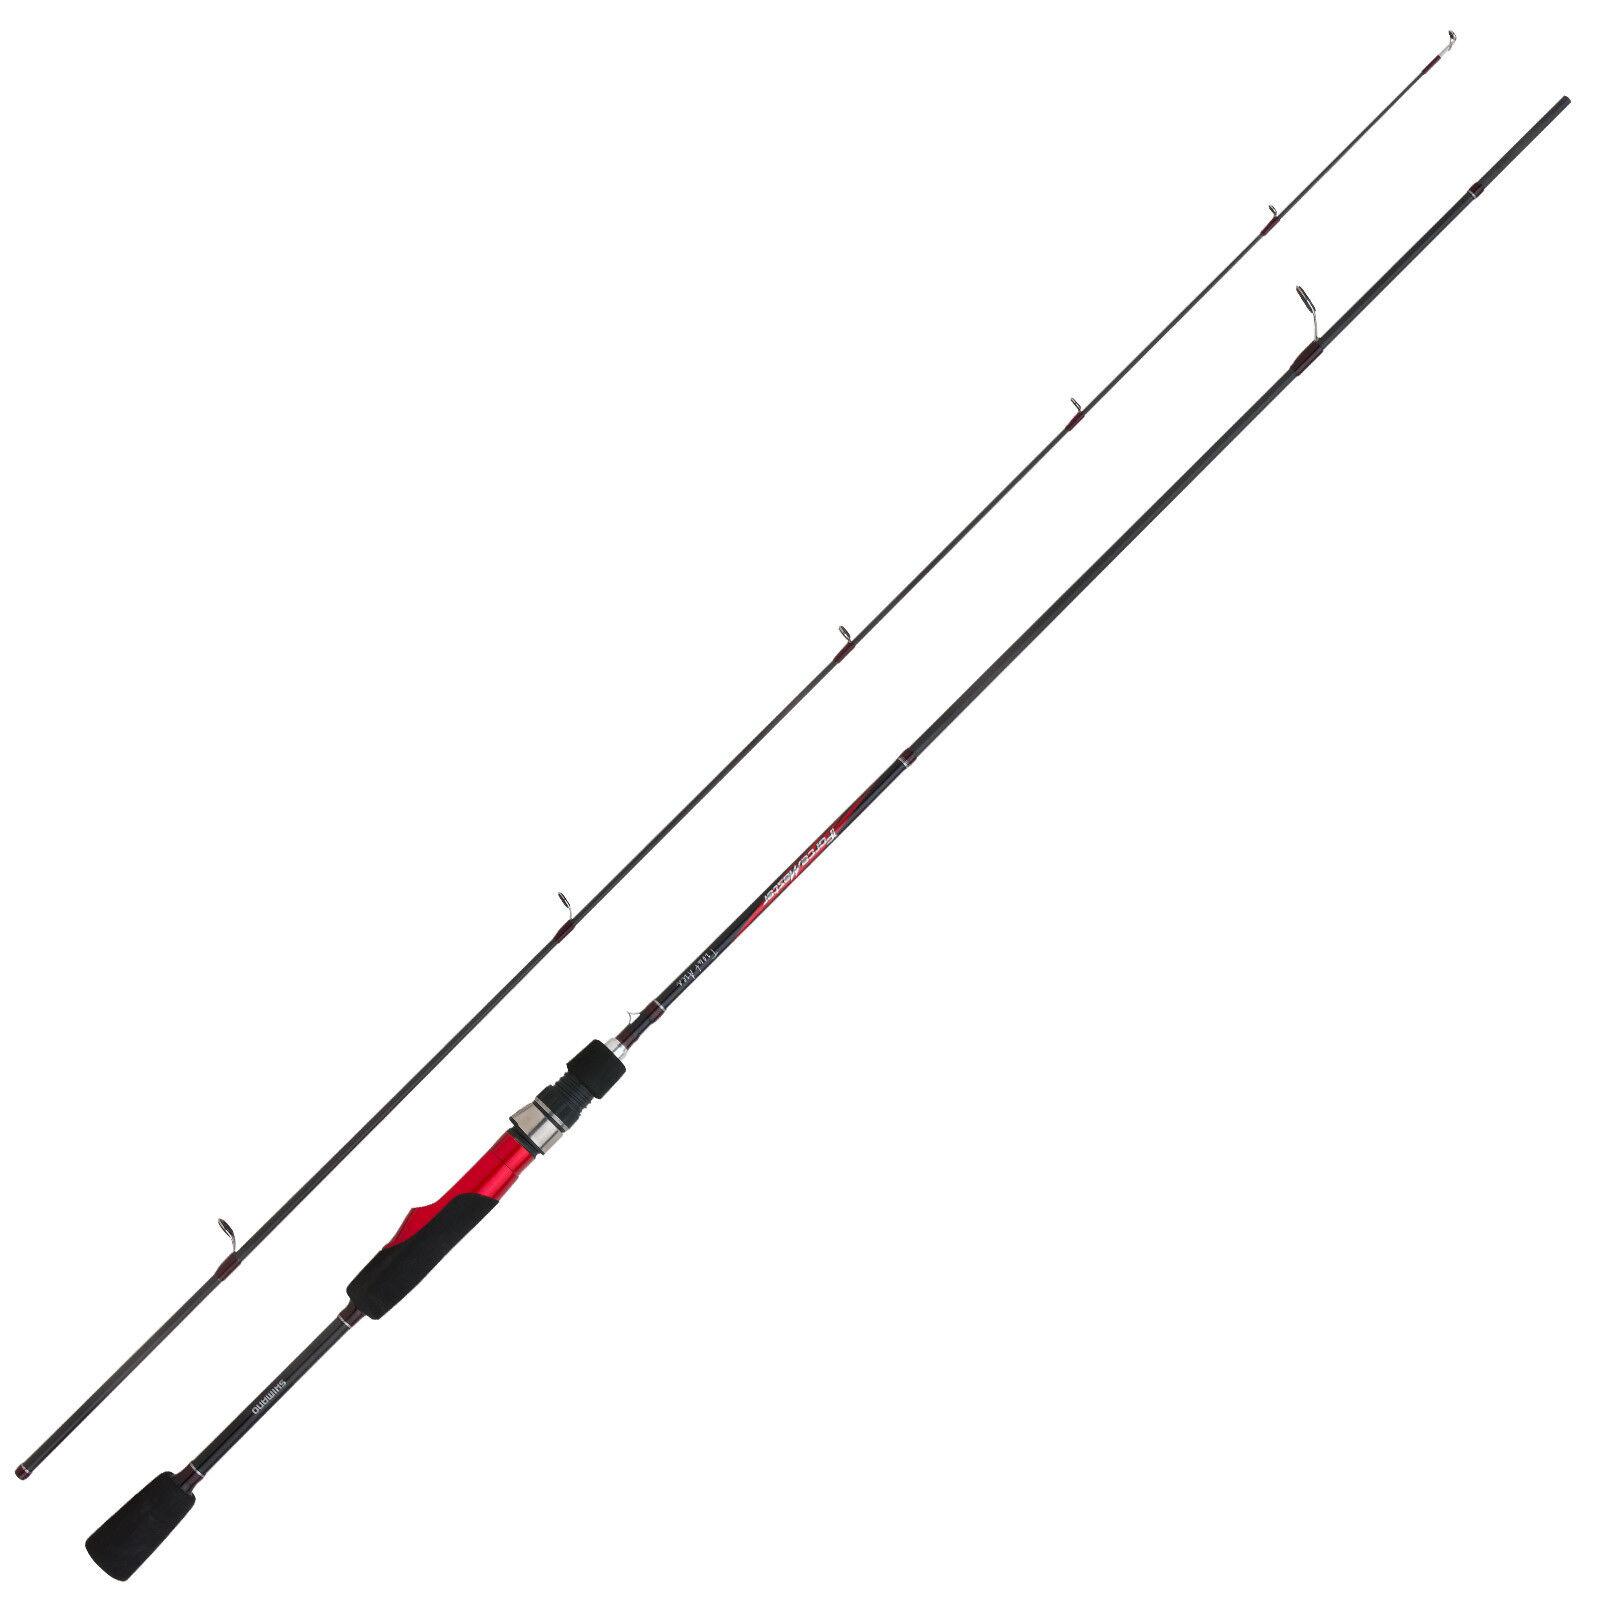 Shimano trote stadia canna da 1,98m pesca-Forcemaster Trout area 195sul 1,98m da 0,5-3,5g 938130